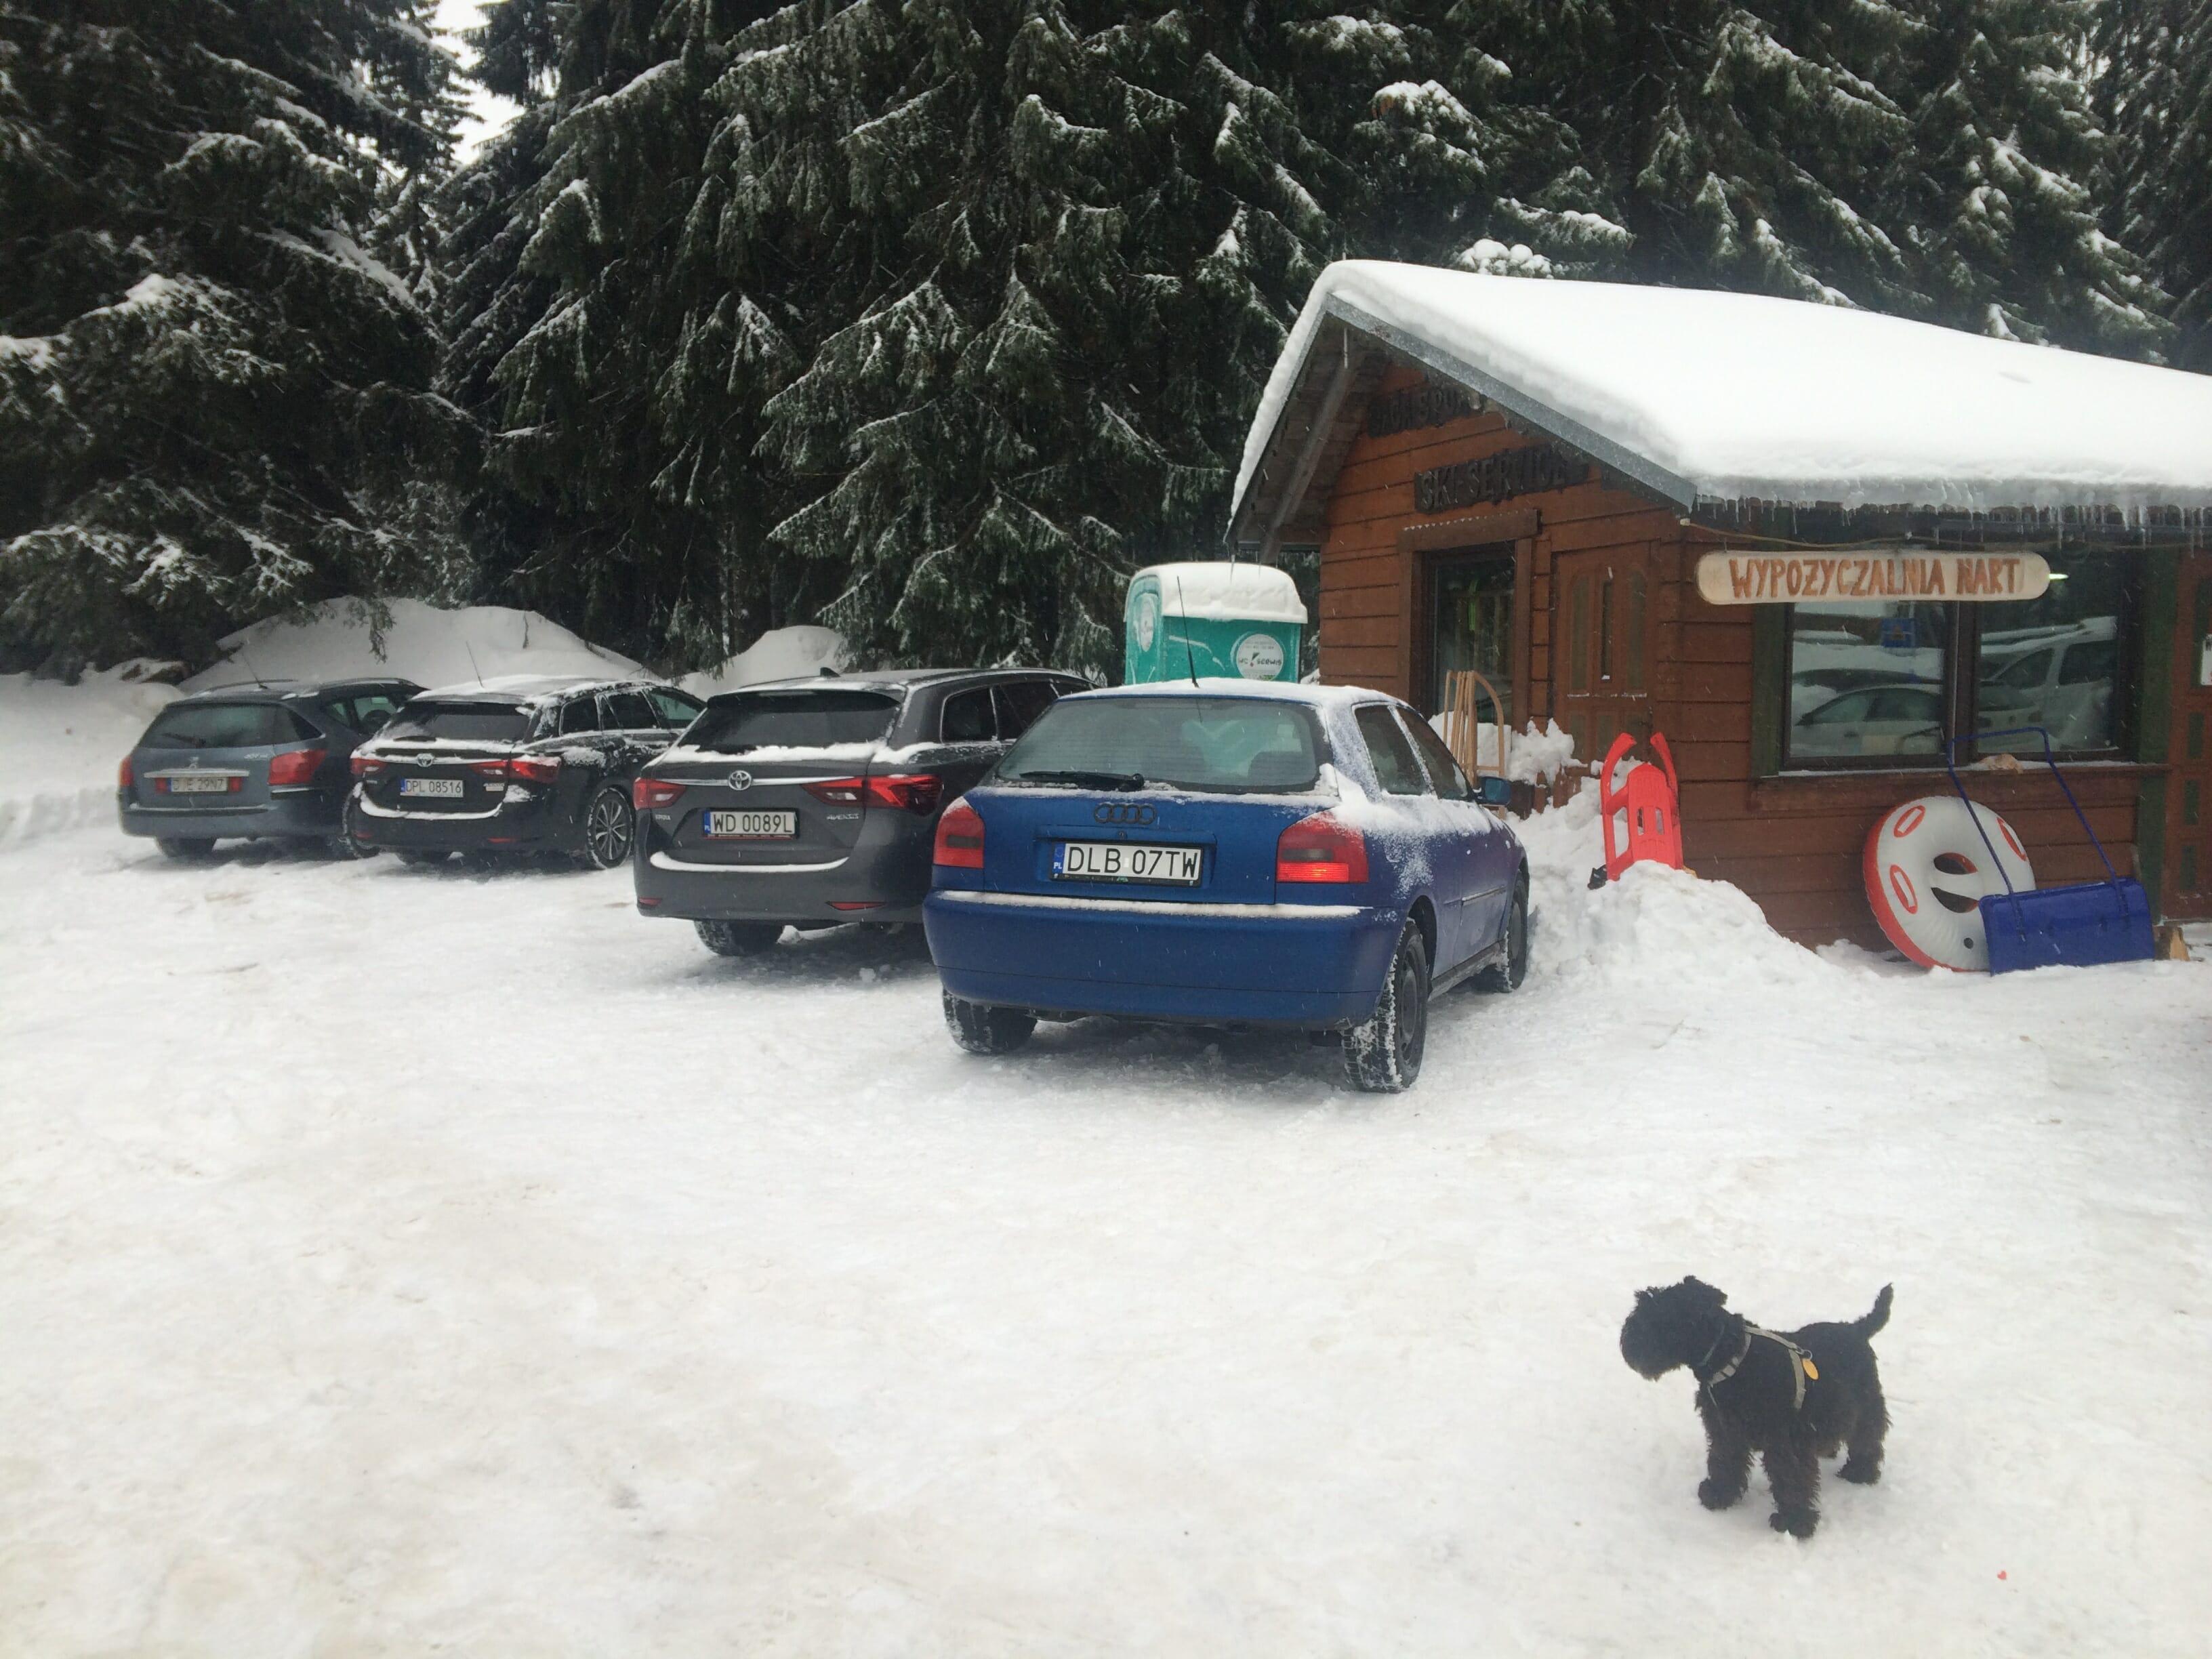 jakuszyce_parking_full_2